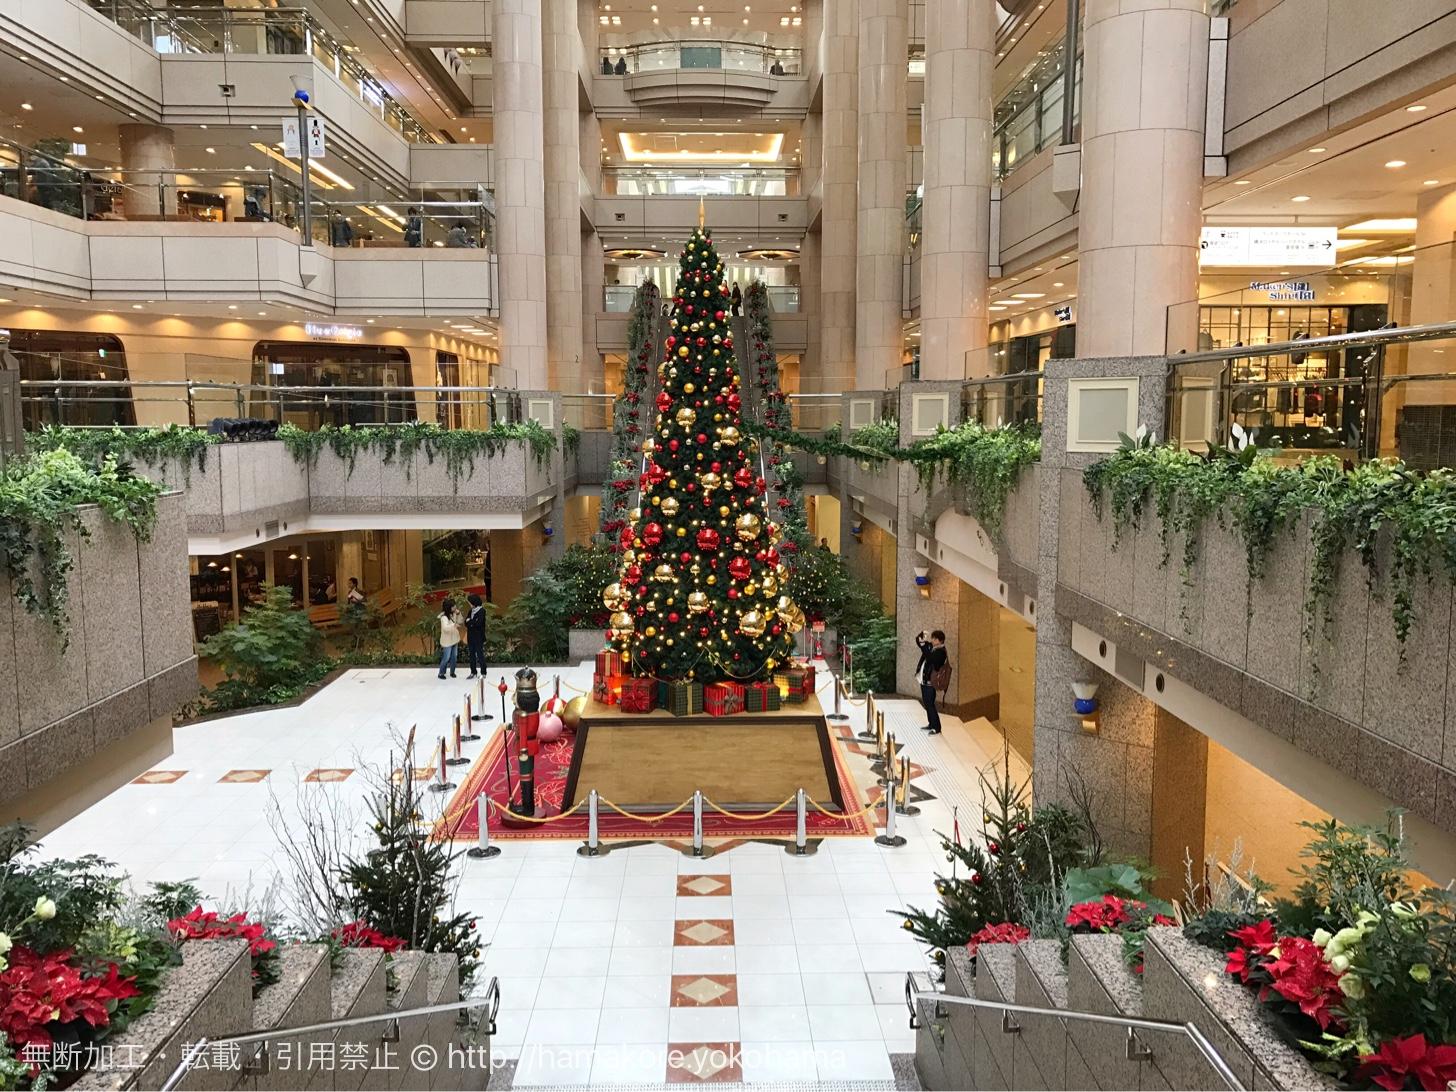 ランドマークプラザ クリスマスツリー